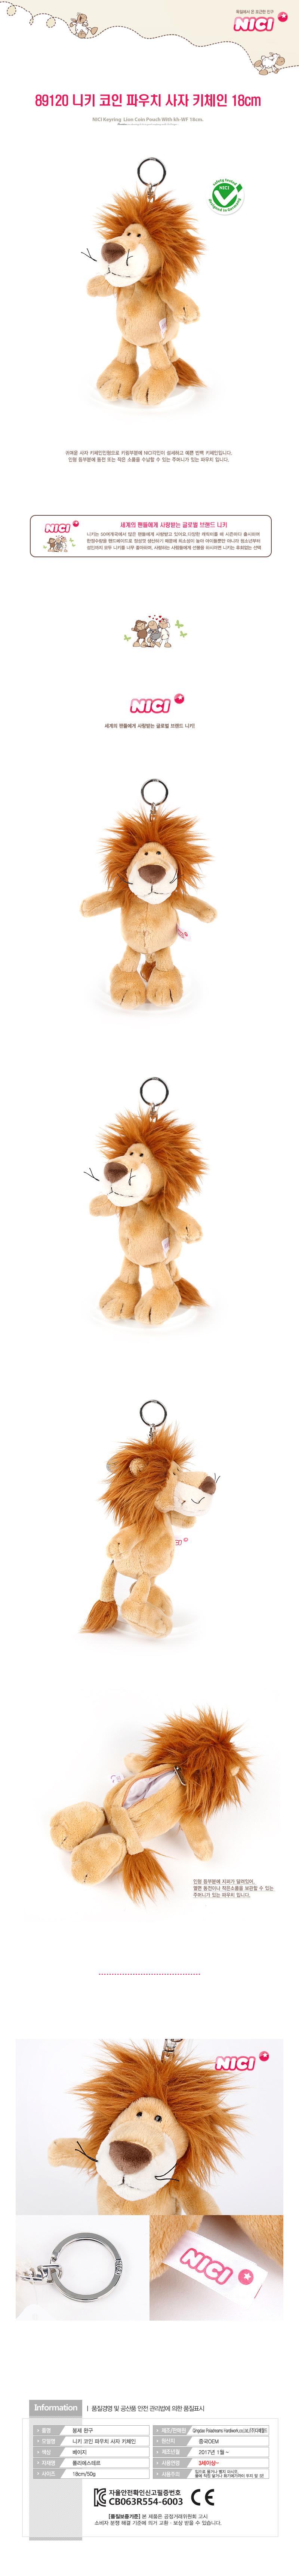 NICI 니키 코인 파우치 사자 키체인 18cm-89120 - 누리토이즈, 10,320원, 애니멀인형, 기타 동물 인형